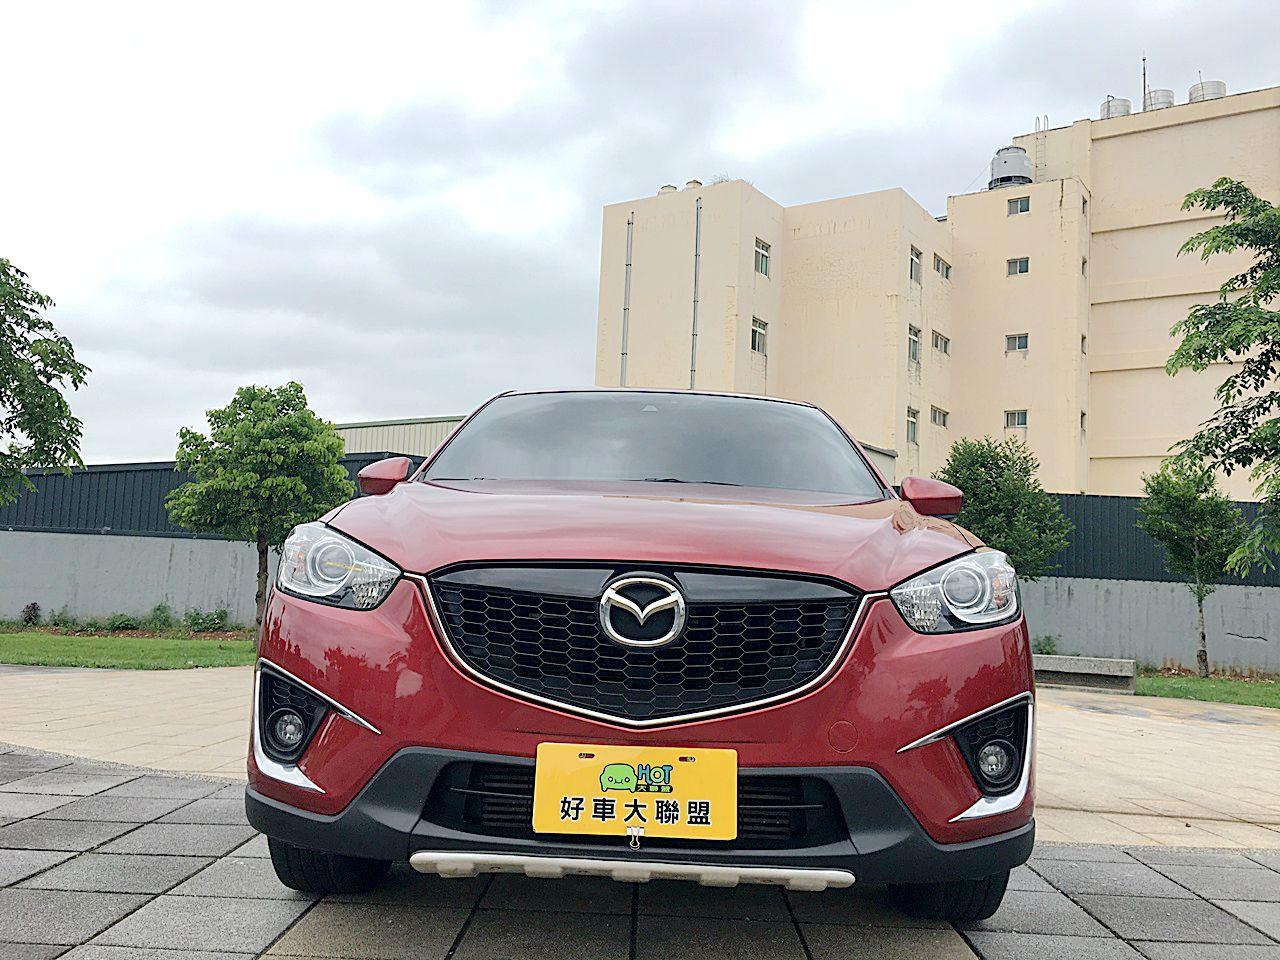 2014 Mazda 馬自達 Cx-5